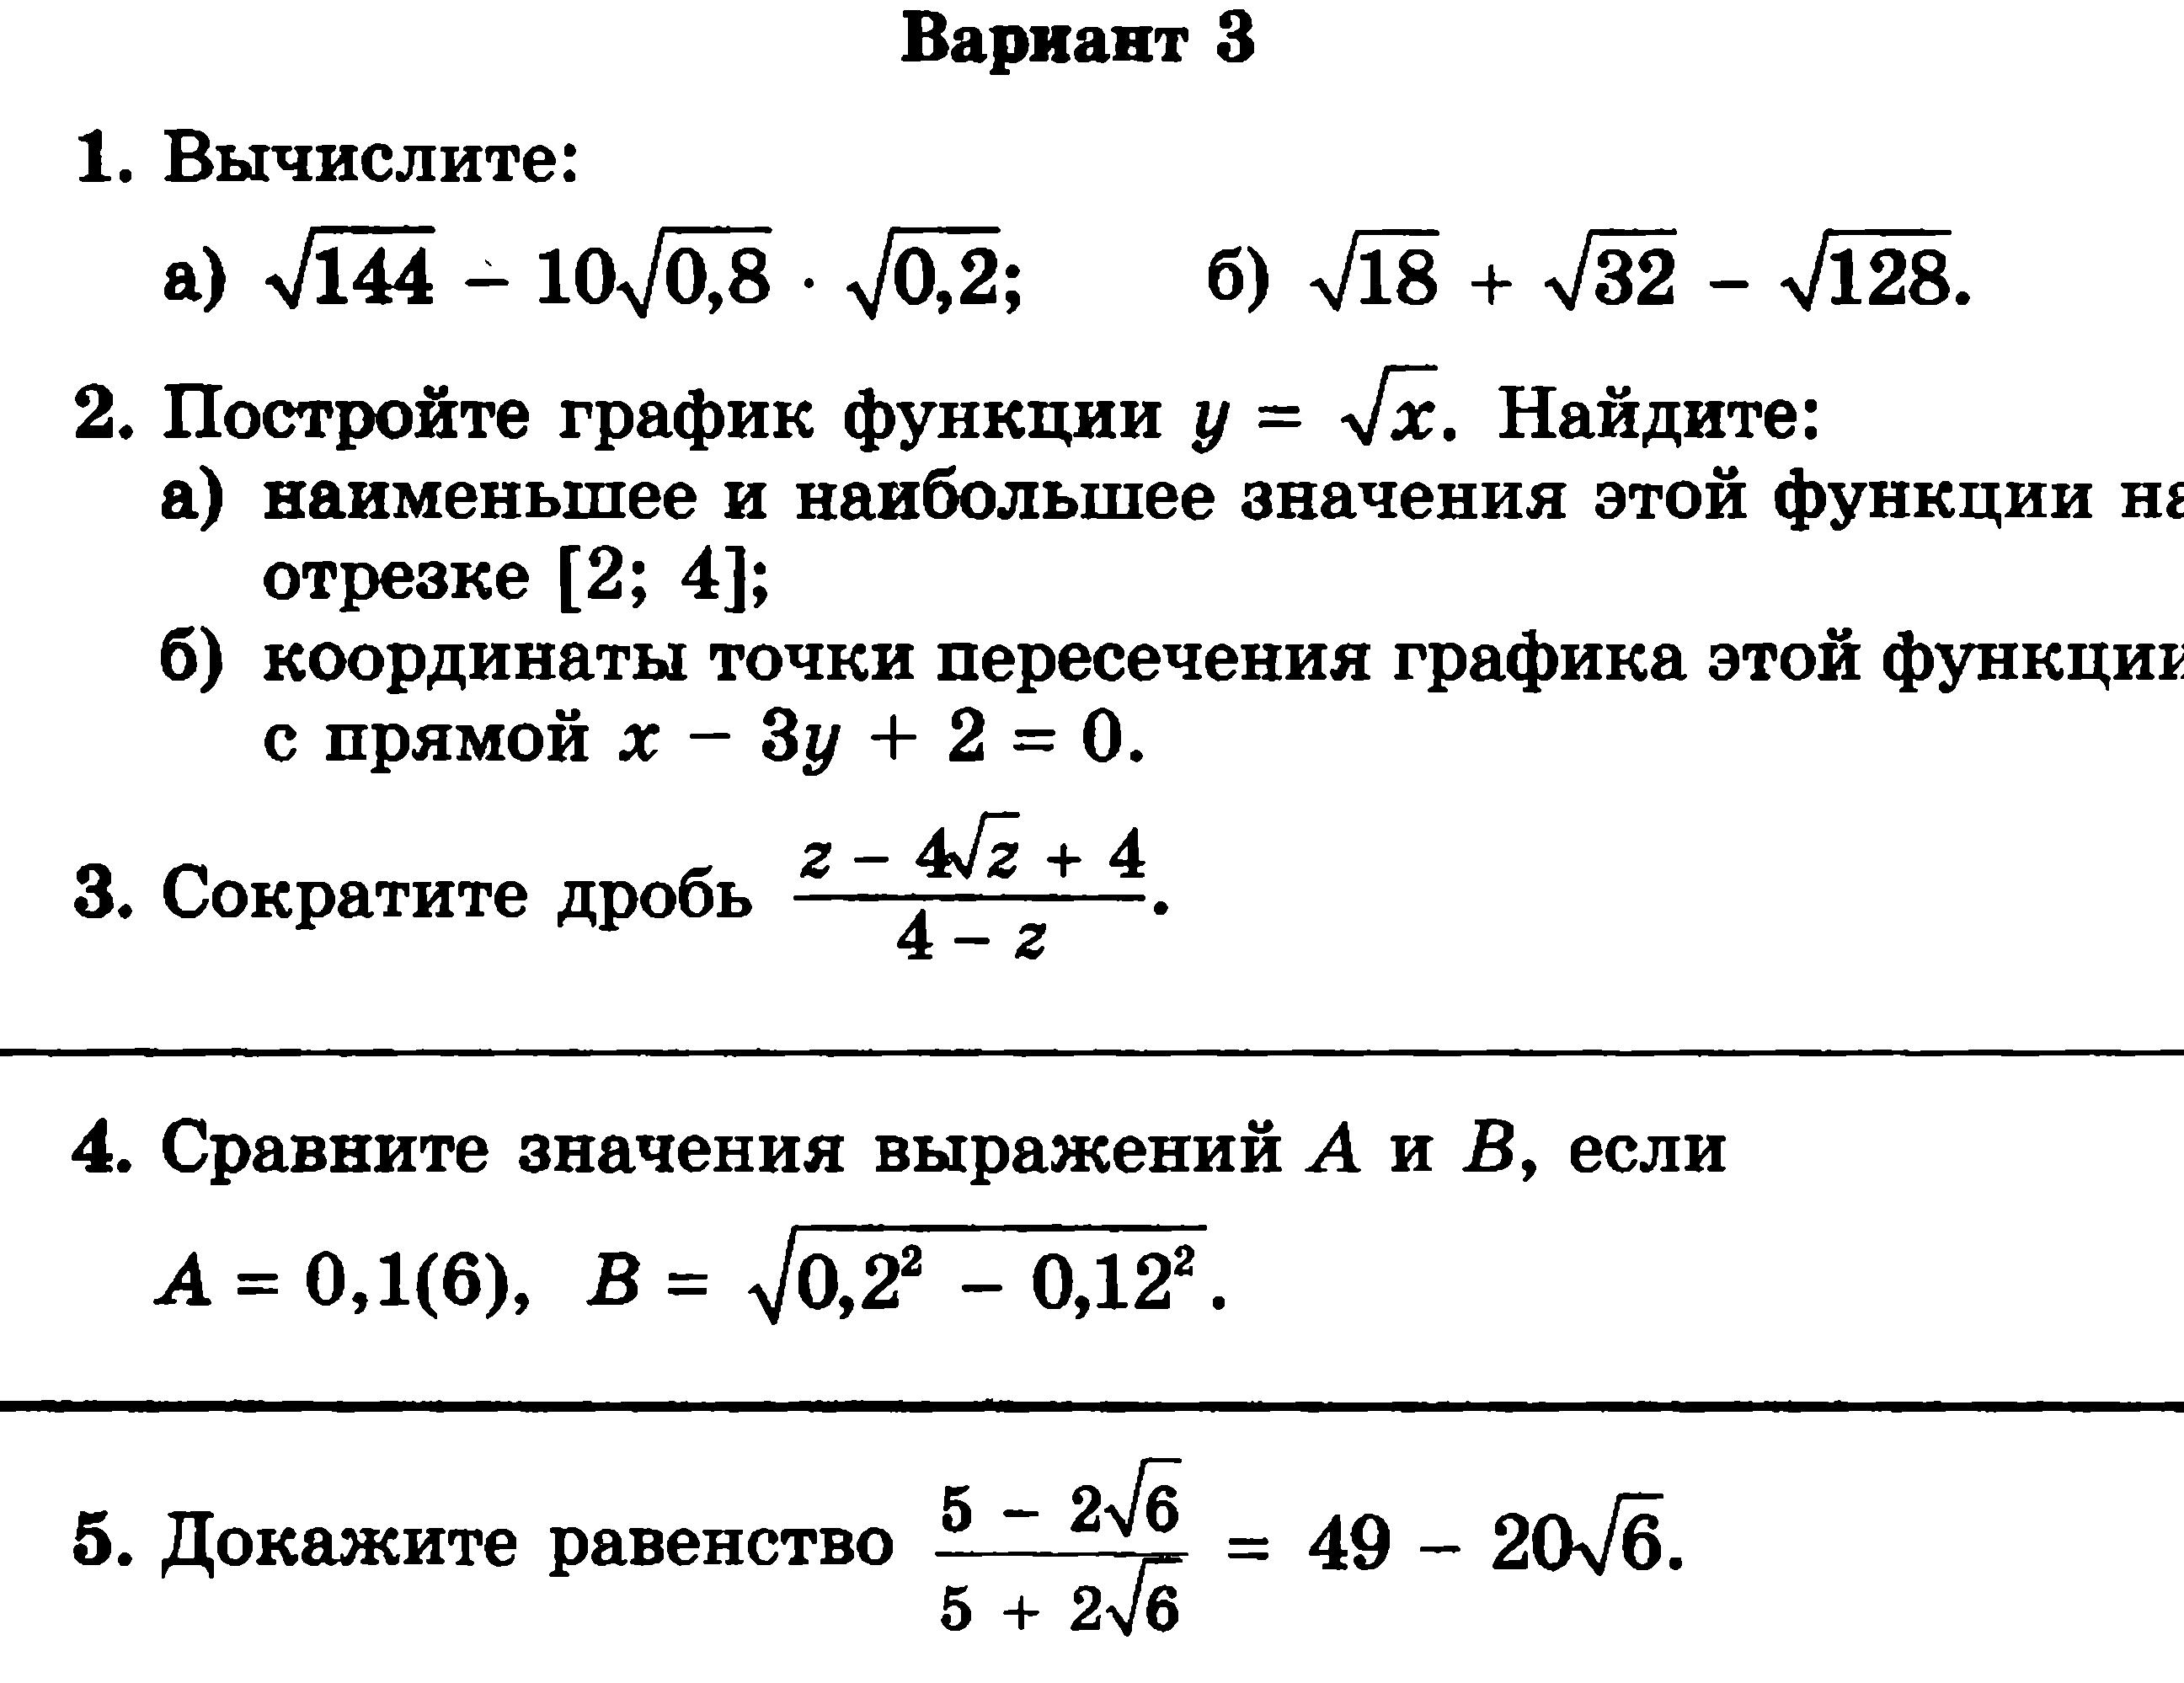 Пояснительная записка к рабочей программе по алгебре 8 класс мордкович скачать бесплатно